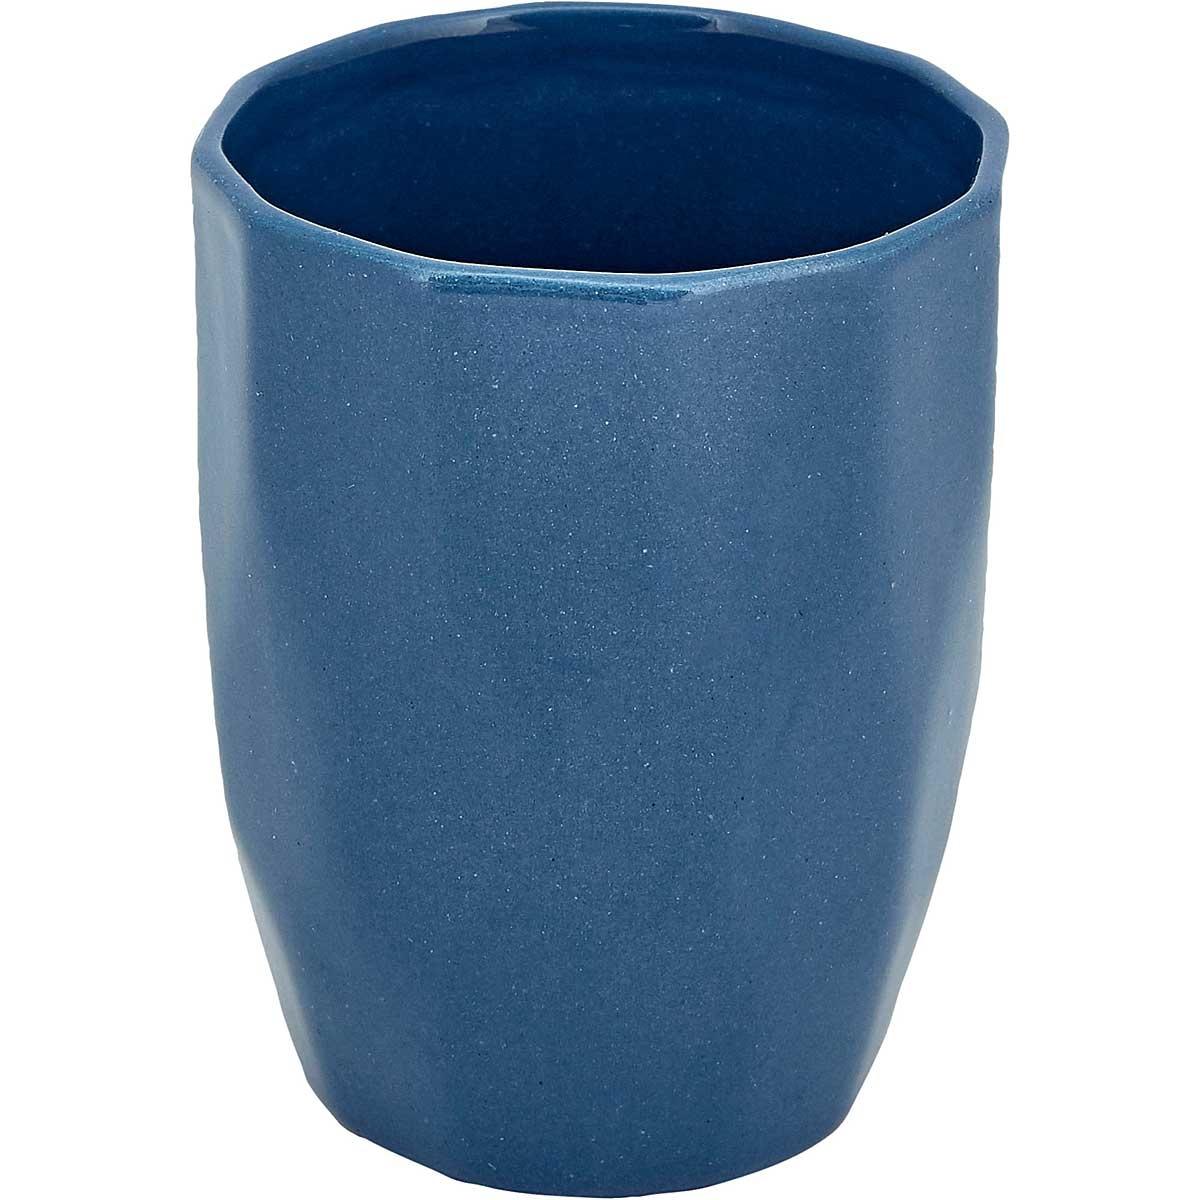 Liv Interior Mug cubic - indigo blue 8x12 cm